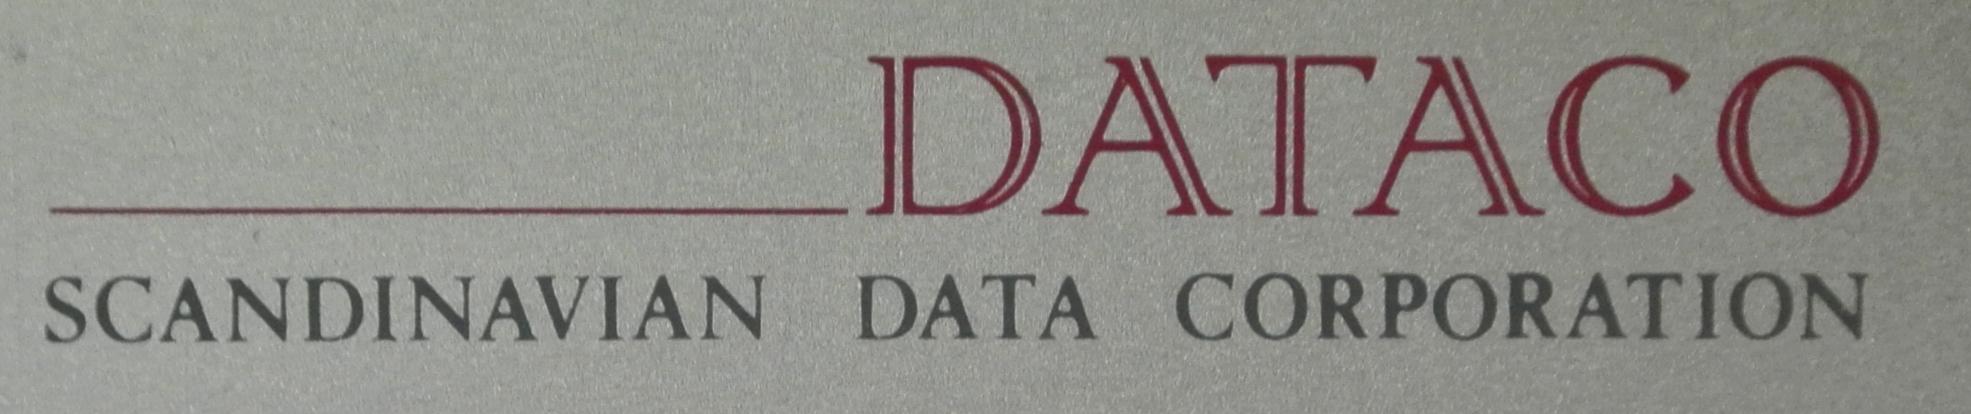 DSC_1148_logo